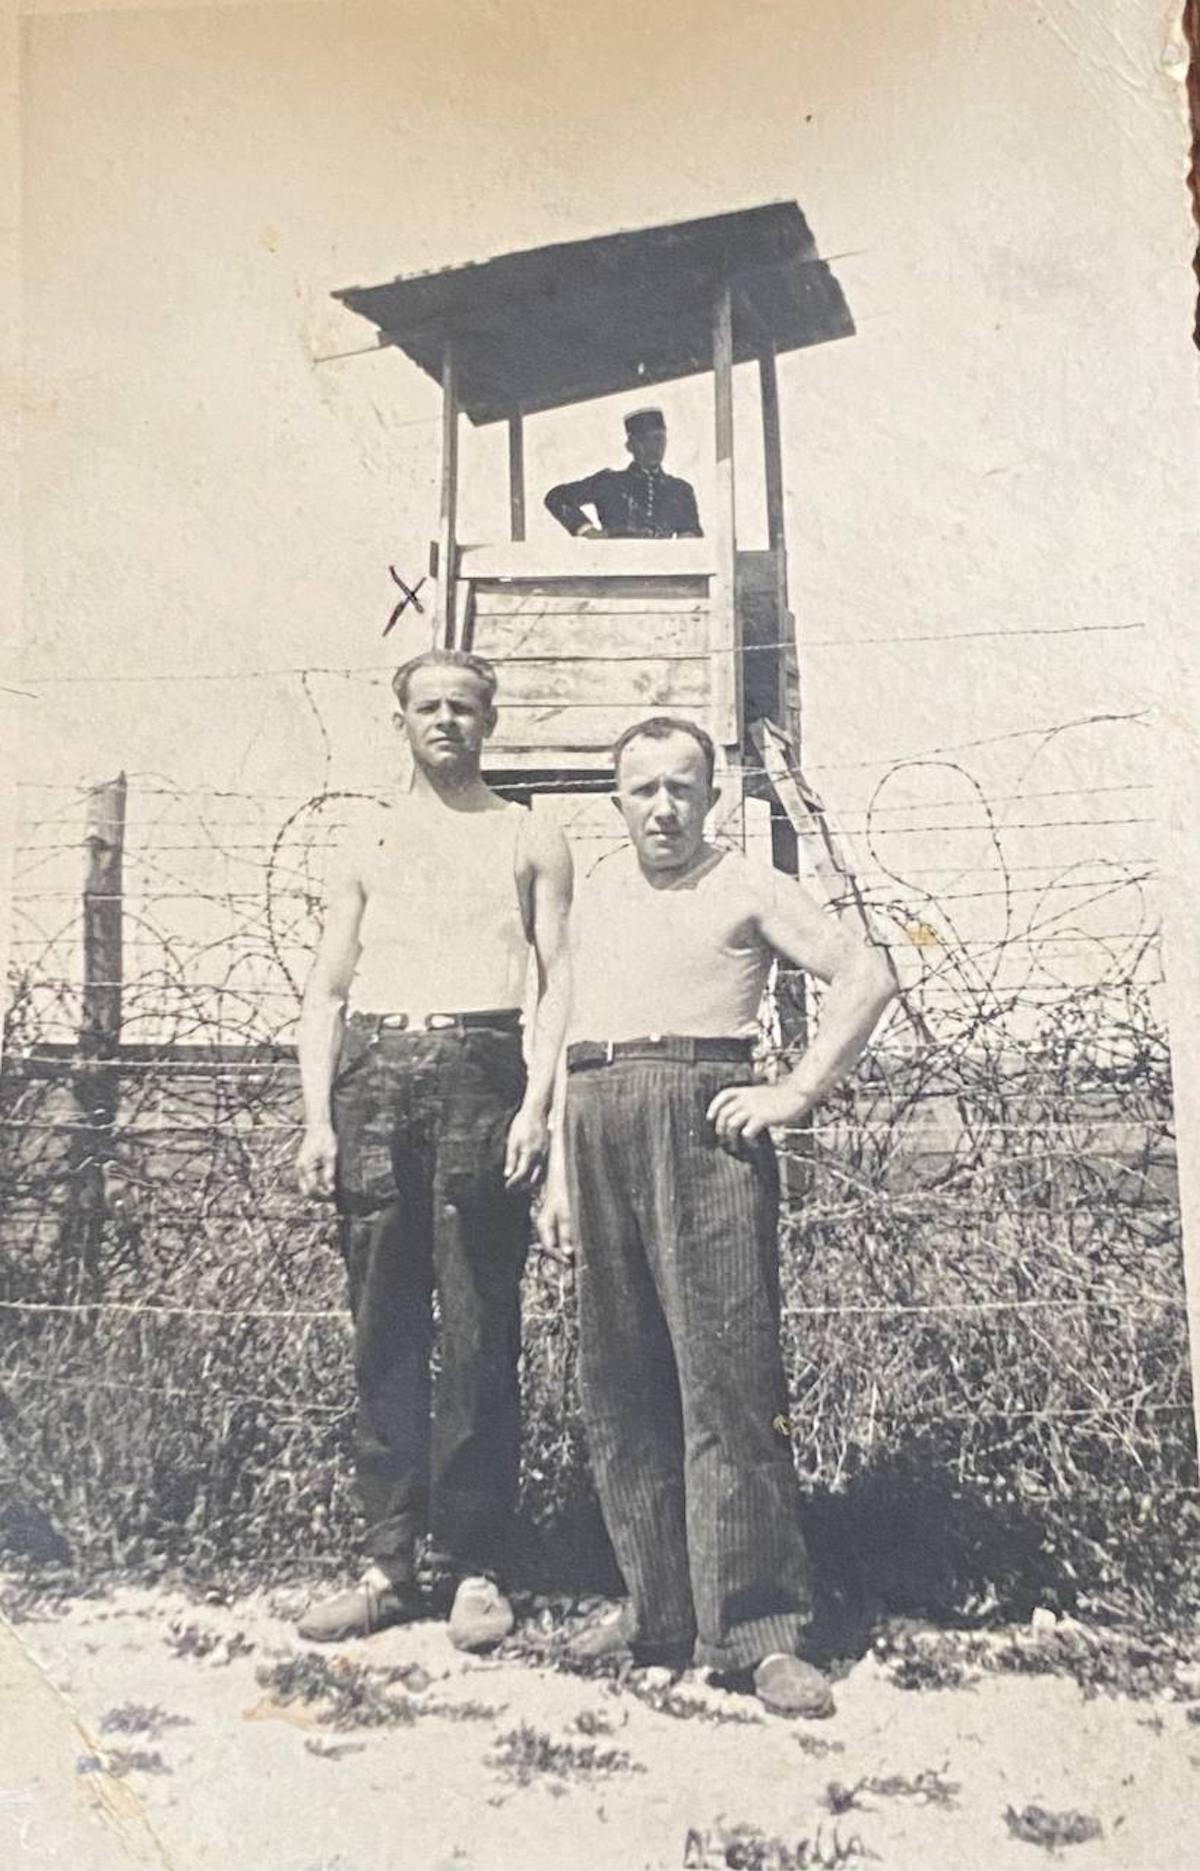 Majloch Lancner, à côté d'un camarade d'internement, sont surveillés par un gendarme depuis un mirador.